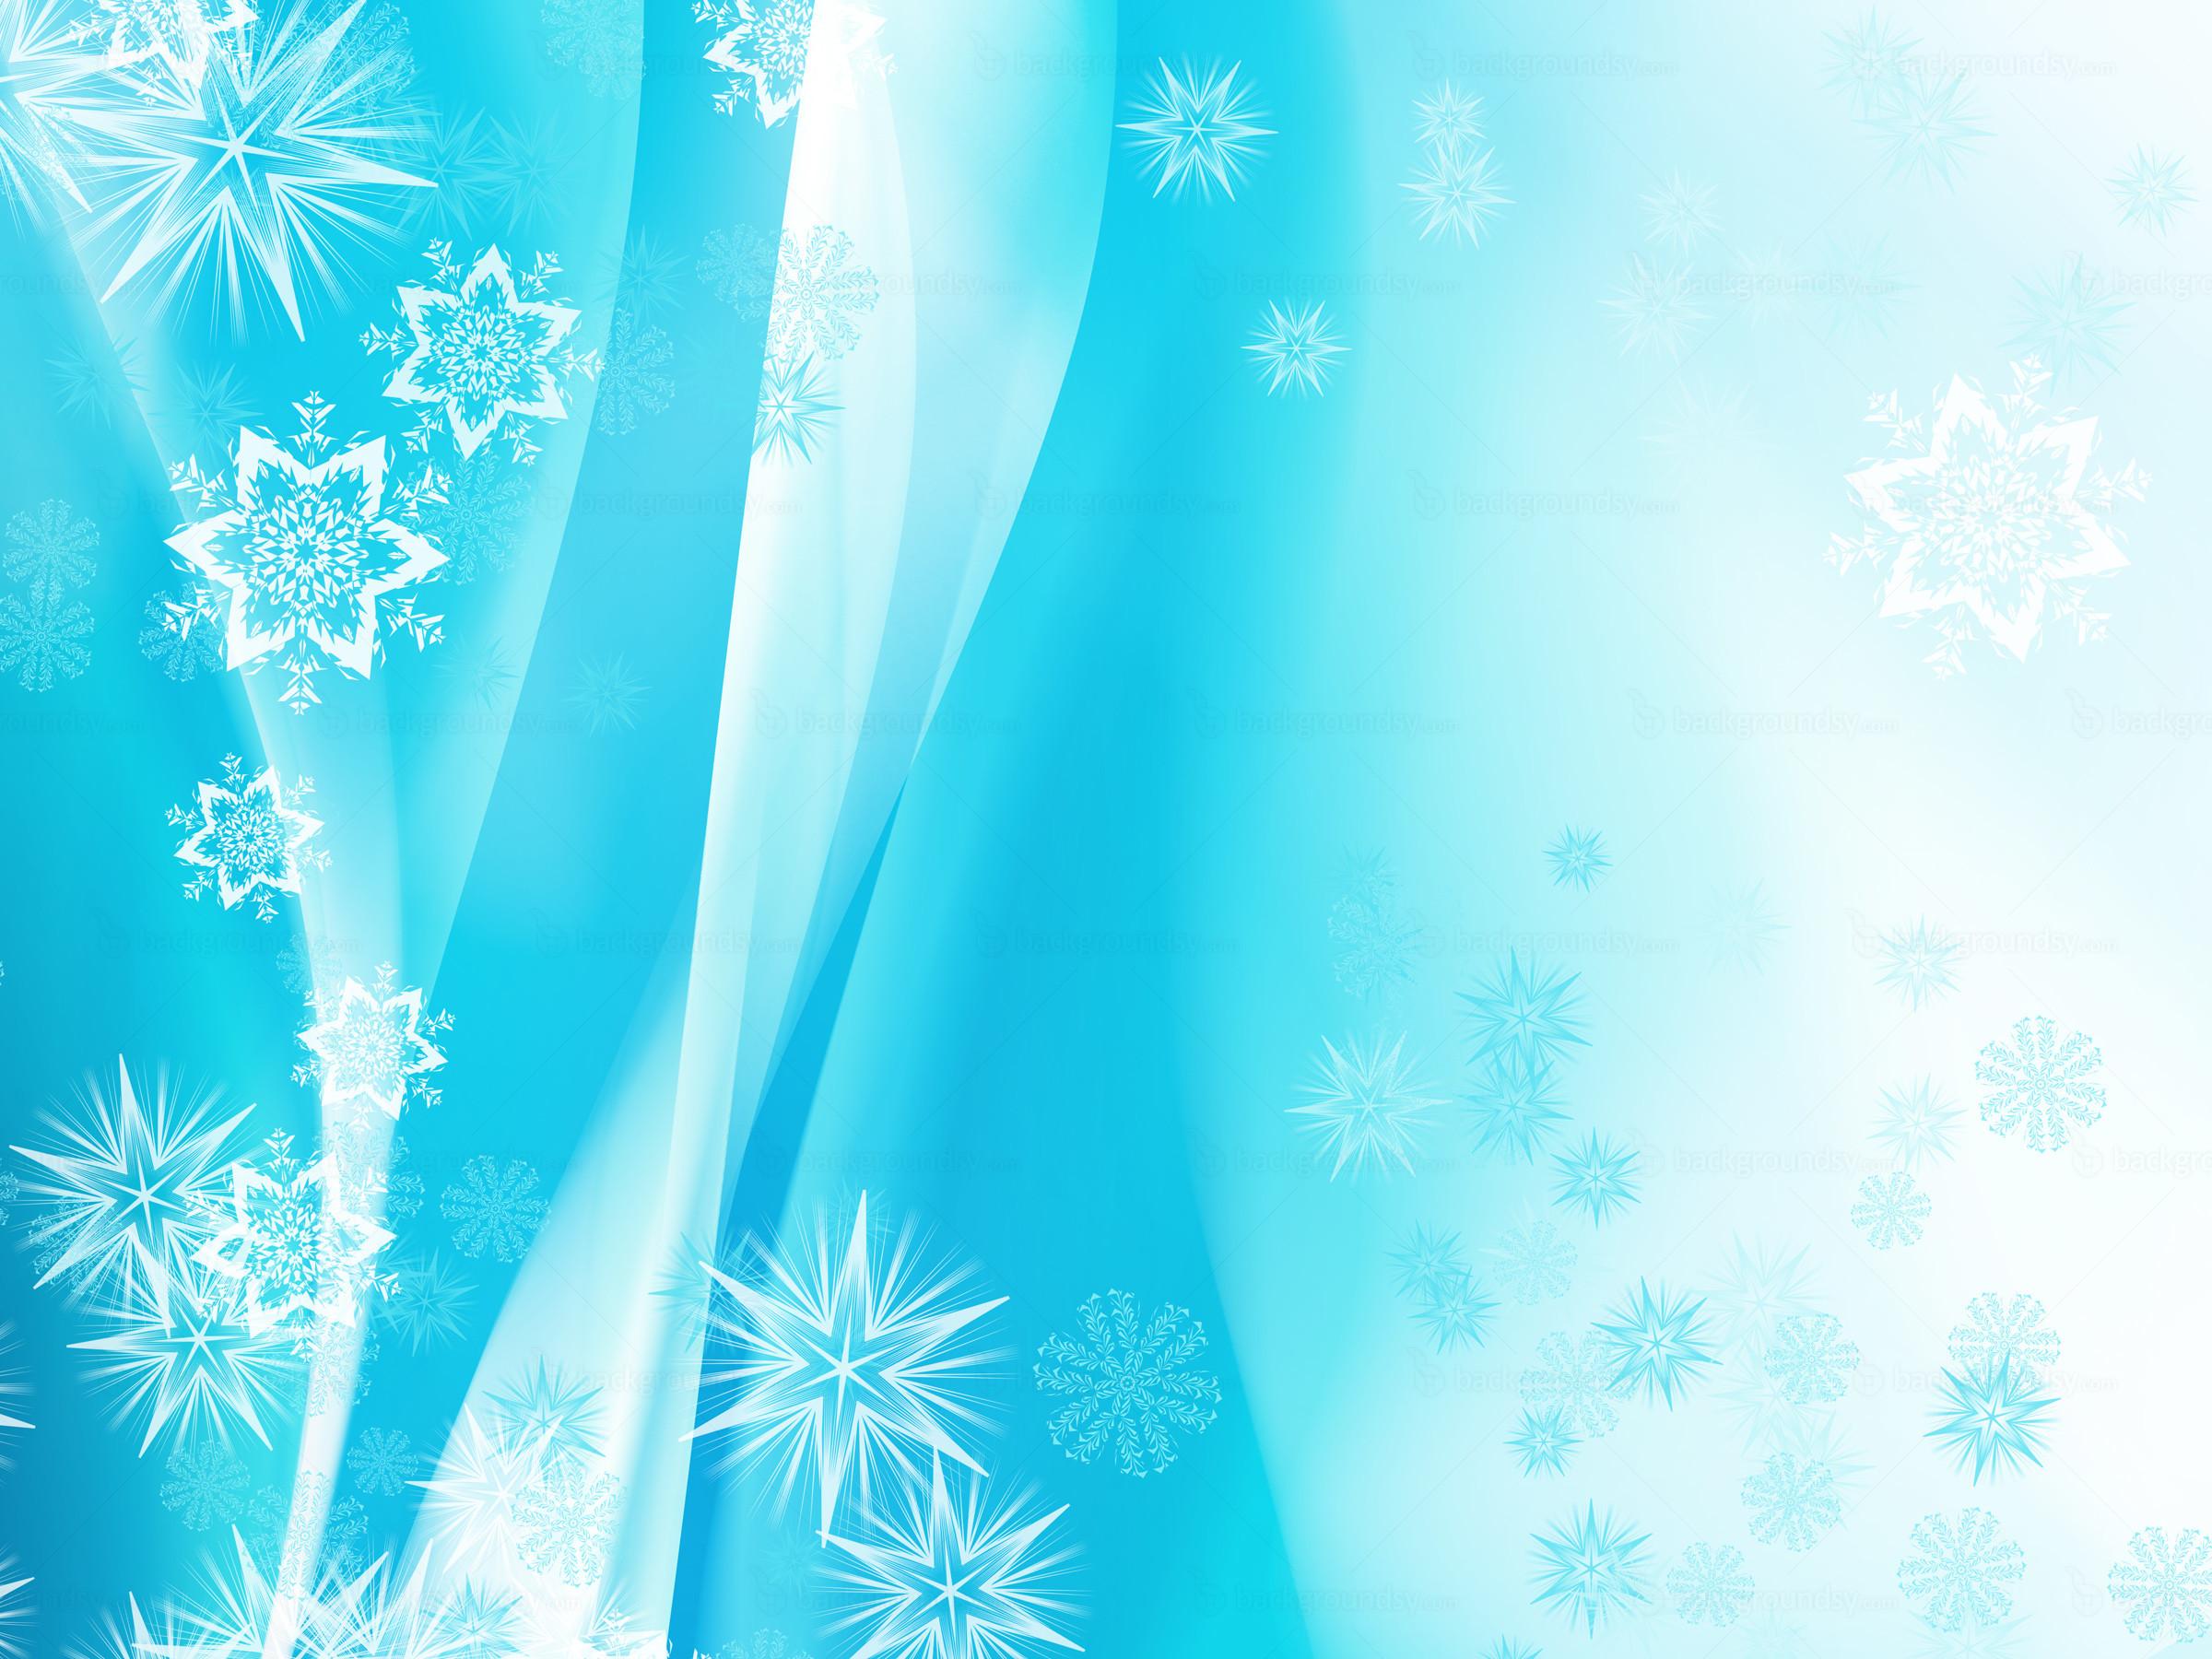 Картинка новогодний фон для открытки, любимому